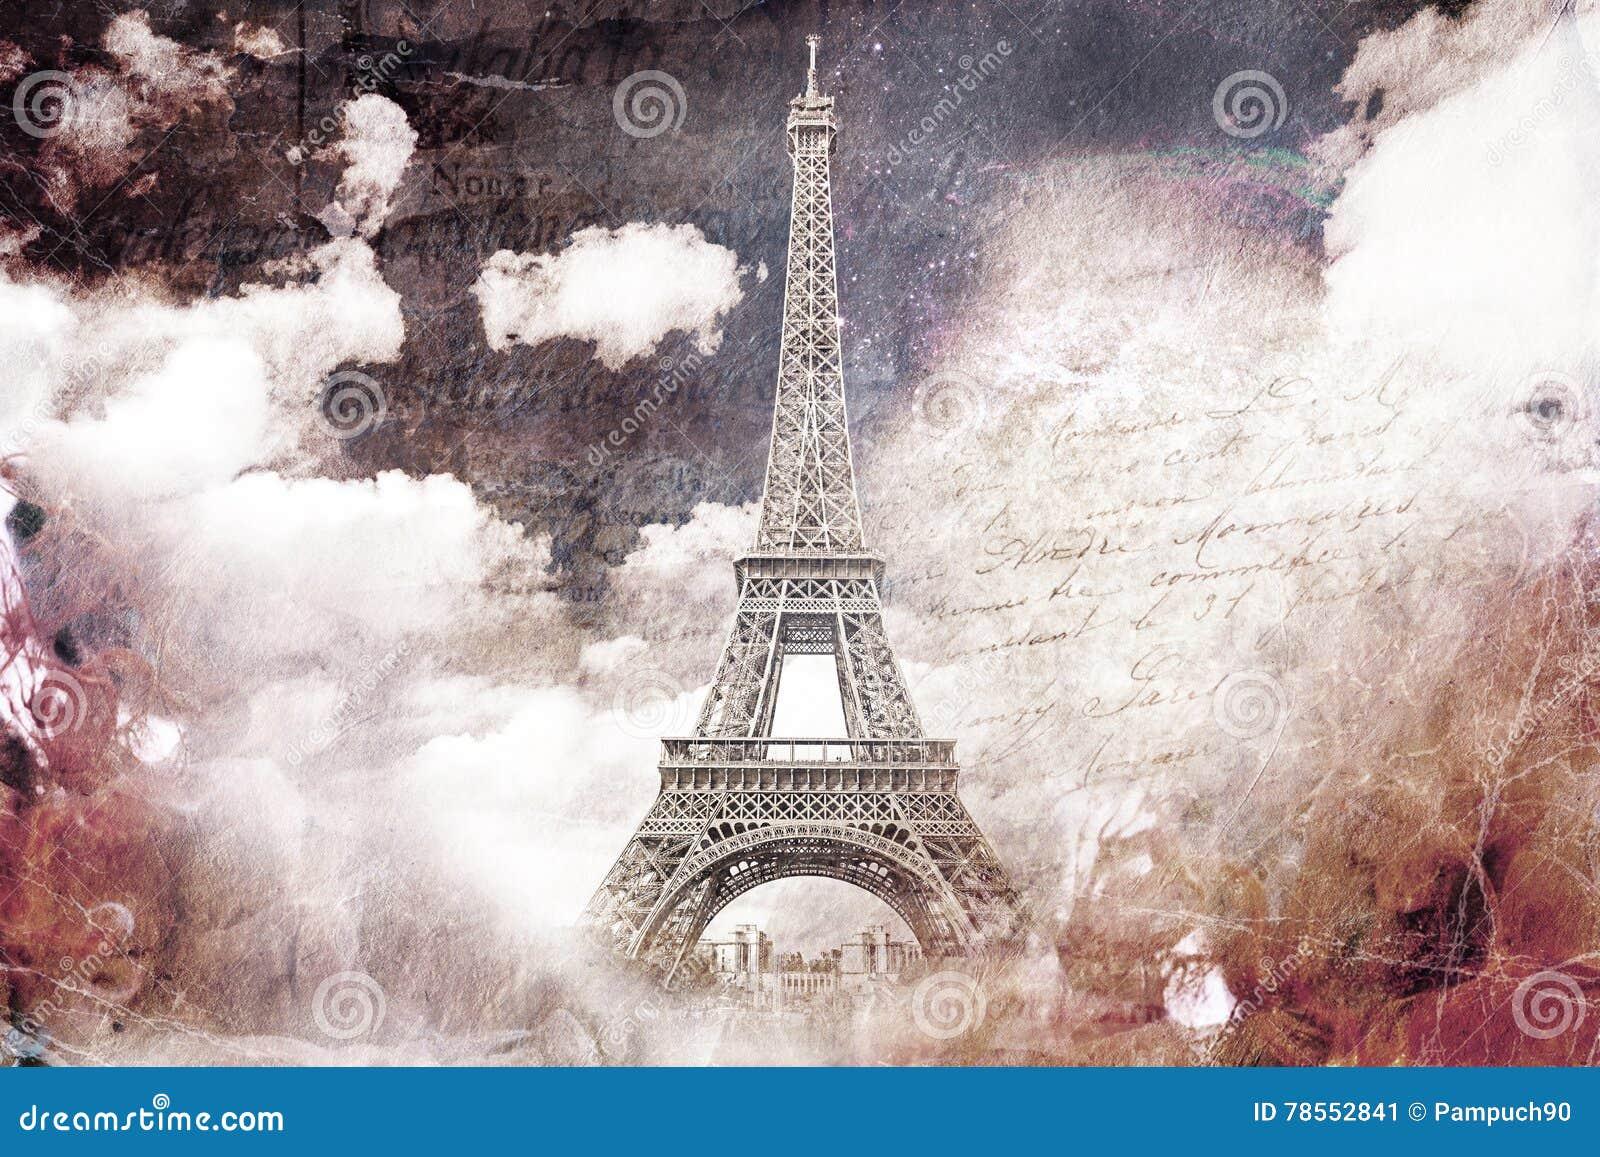 Arte digital abstracto de la torre Eiffel en París Papel viejo Postal, alta resolución, imprimible en lona